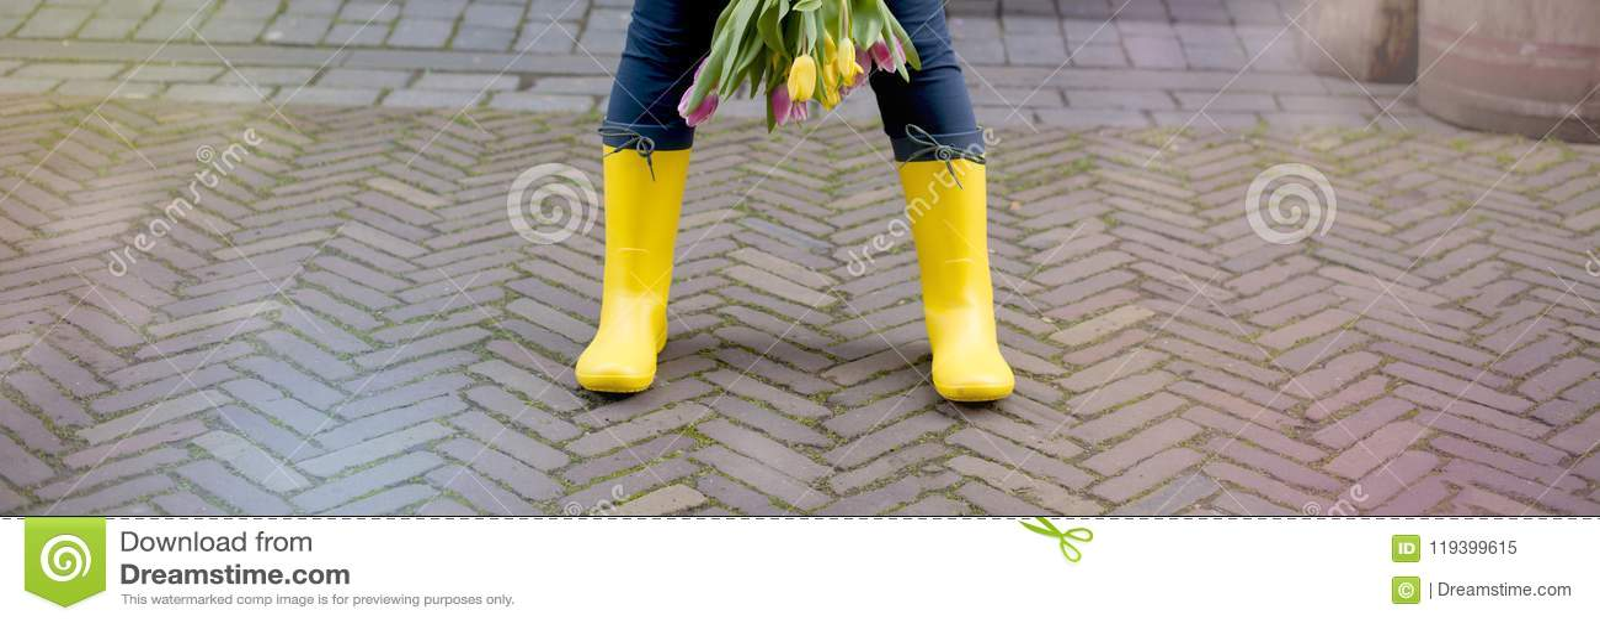 Het meisje houdt een boeket van verse de lentetulpen Straat van de oude stad Gele rubberlaarzen Vrije ruimte voor tekst